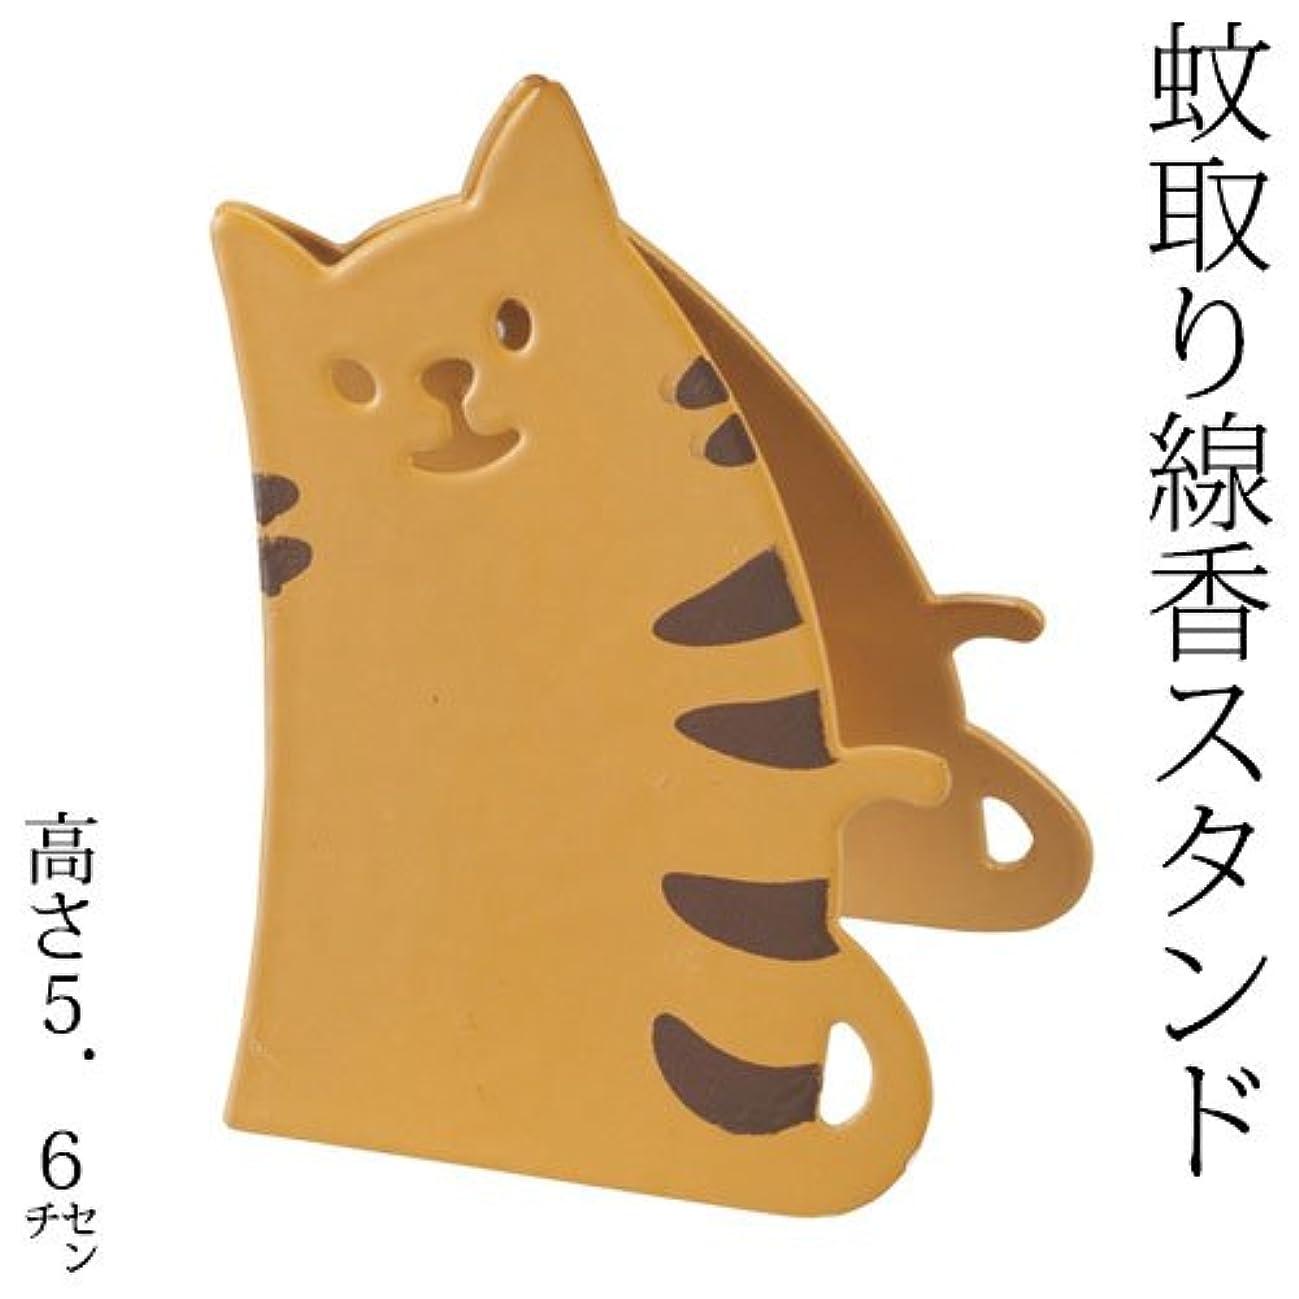 コーラスゲインセイ助けになるDECOLE蚊取り線香クリップスタンドトラ猫 (SK-13936)Mosquito coil clip stand